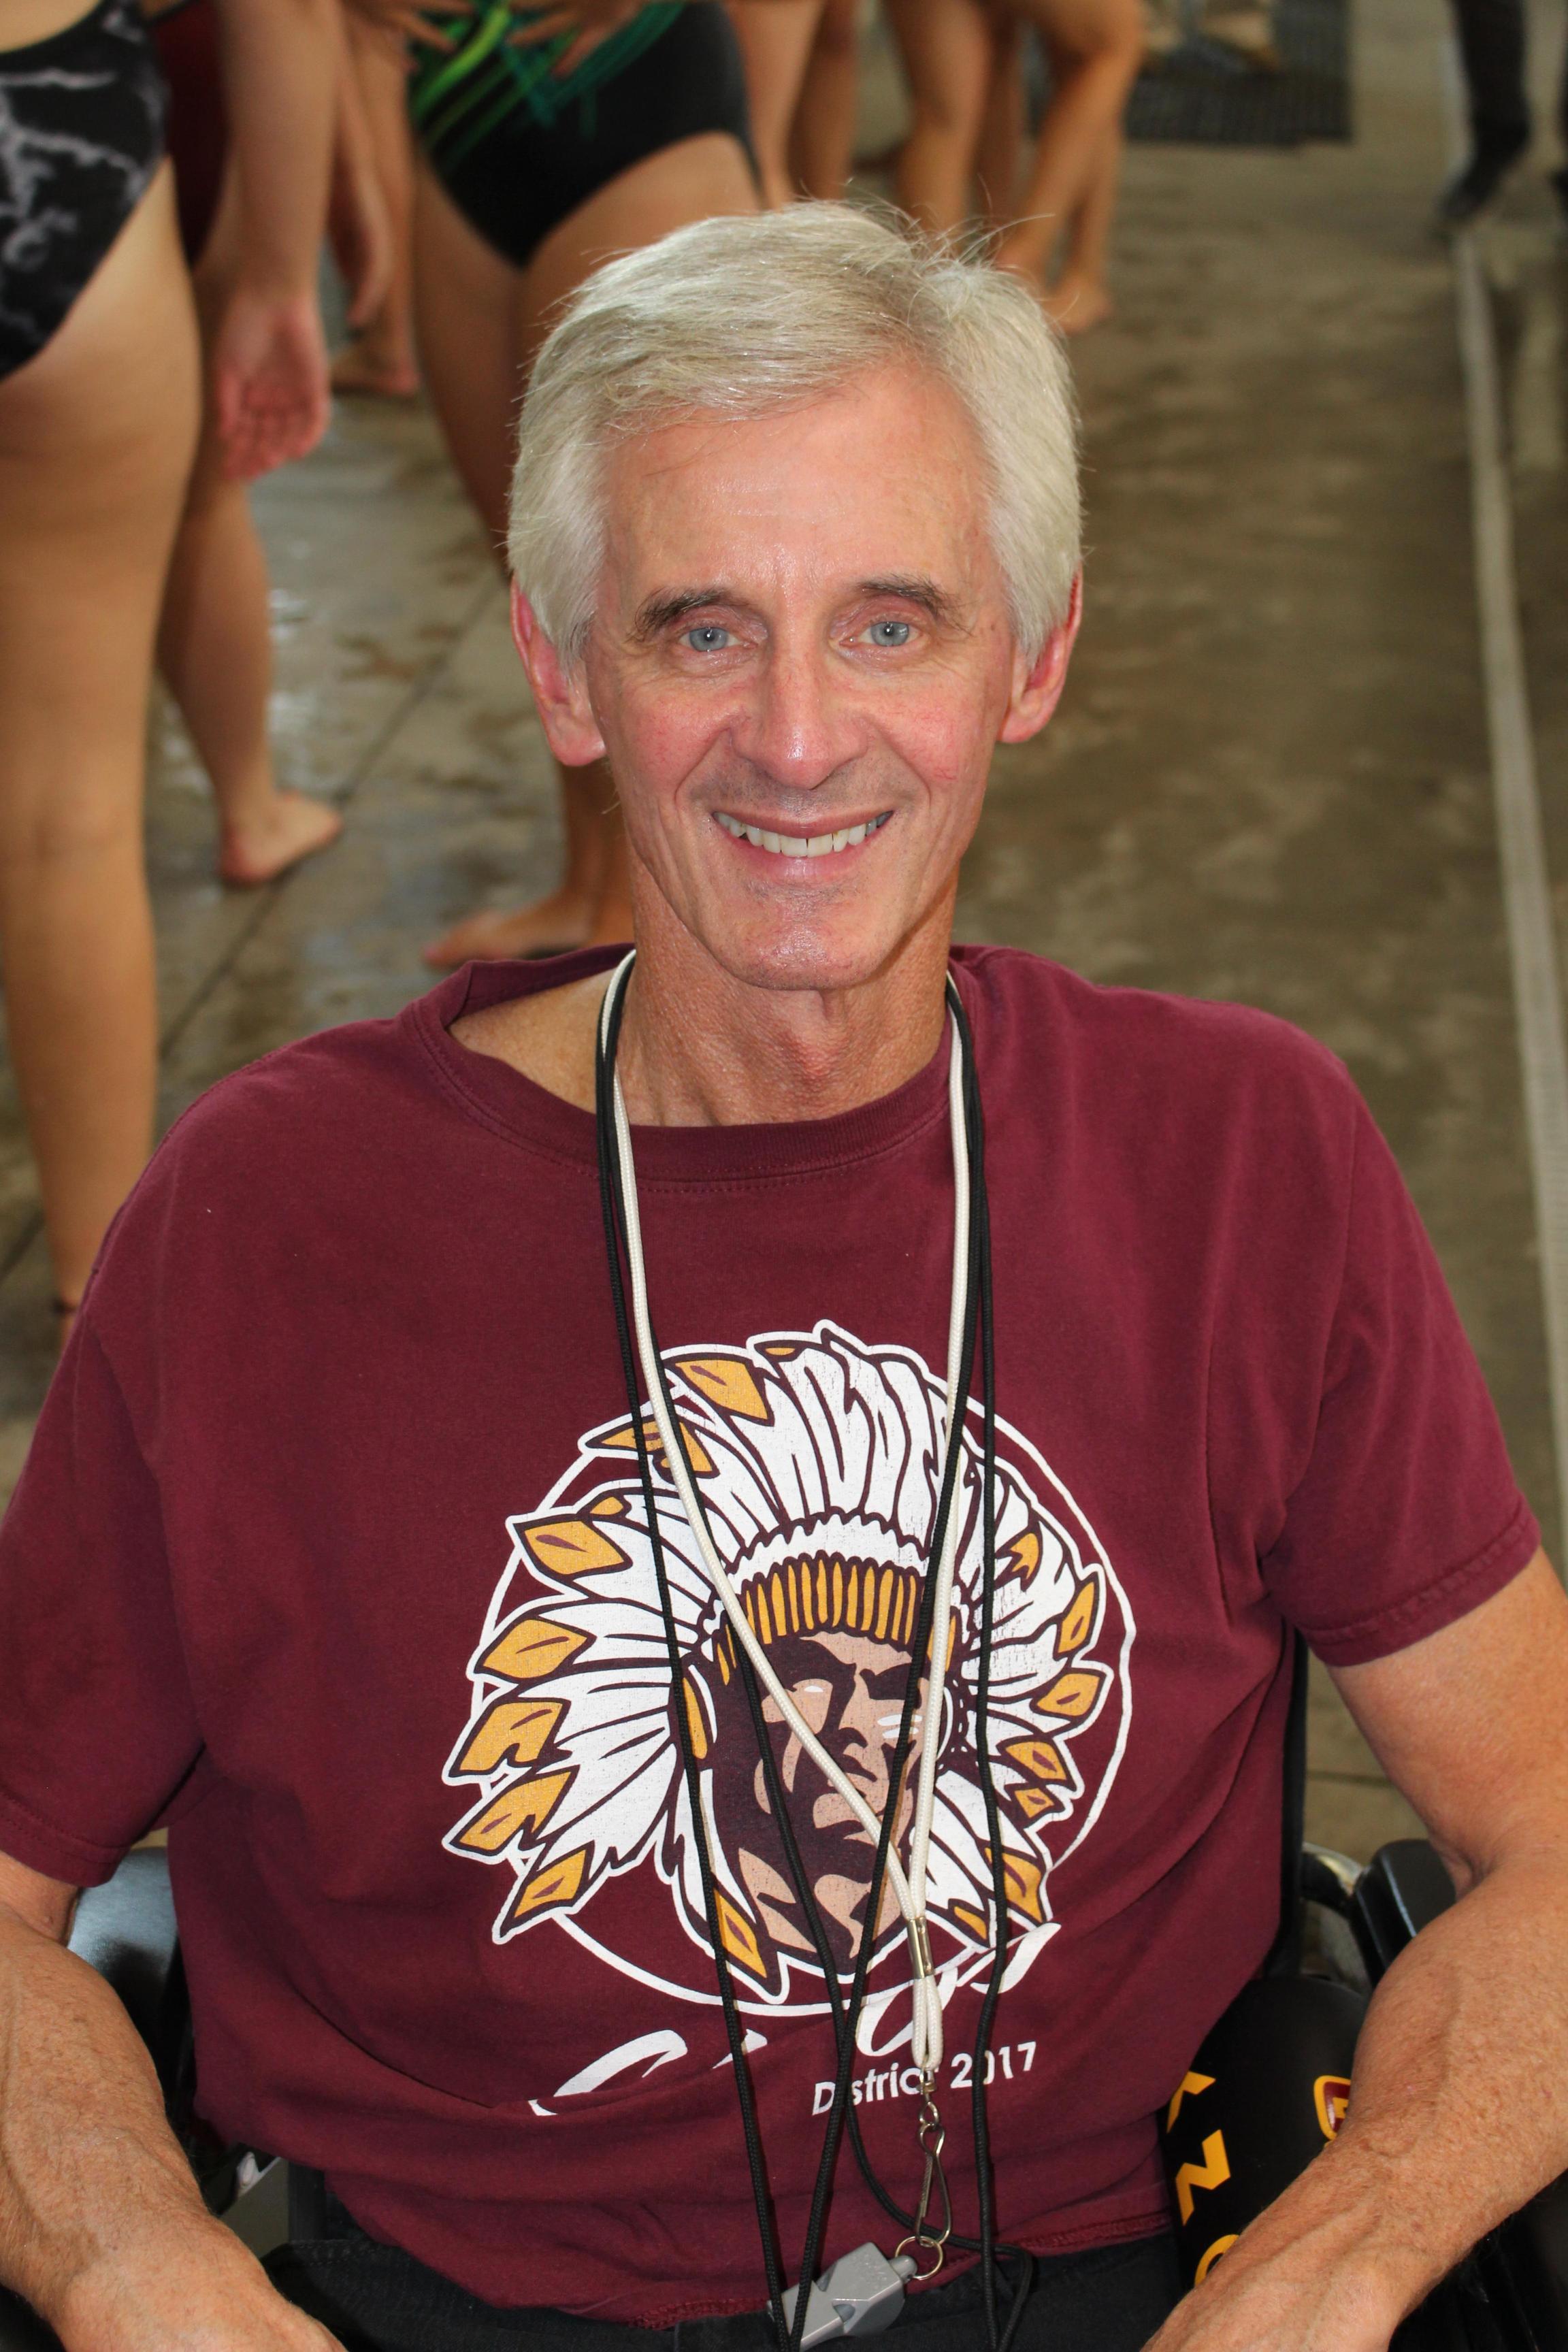 Tony St. Onge